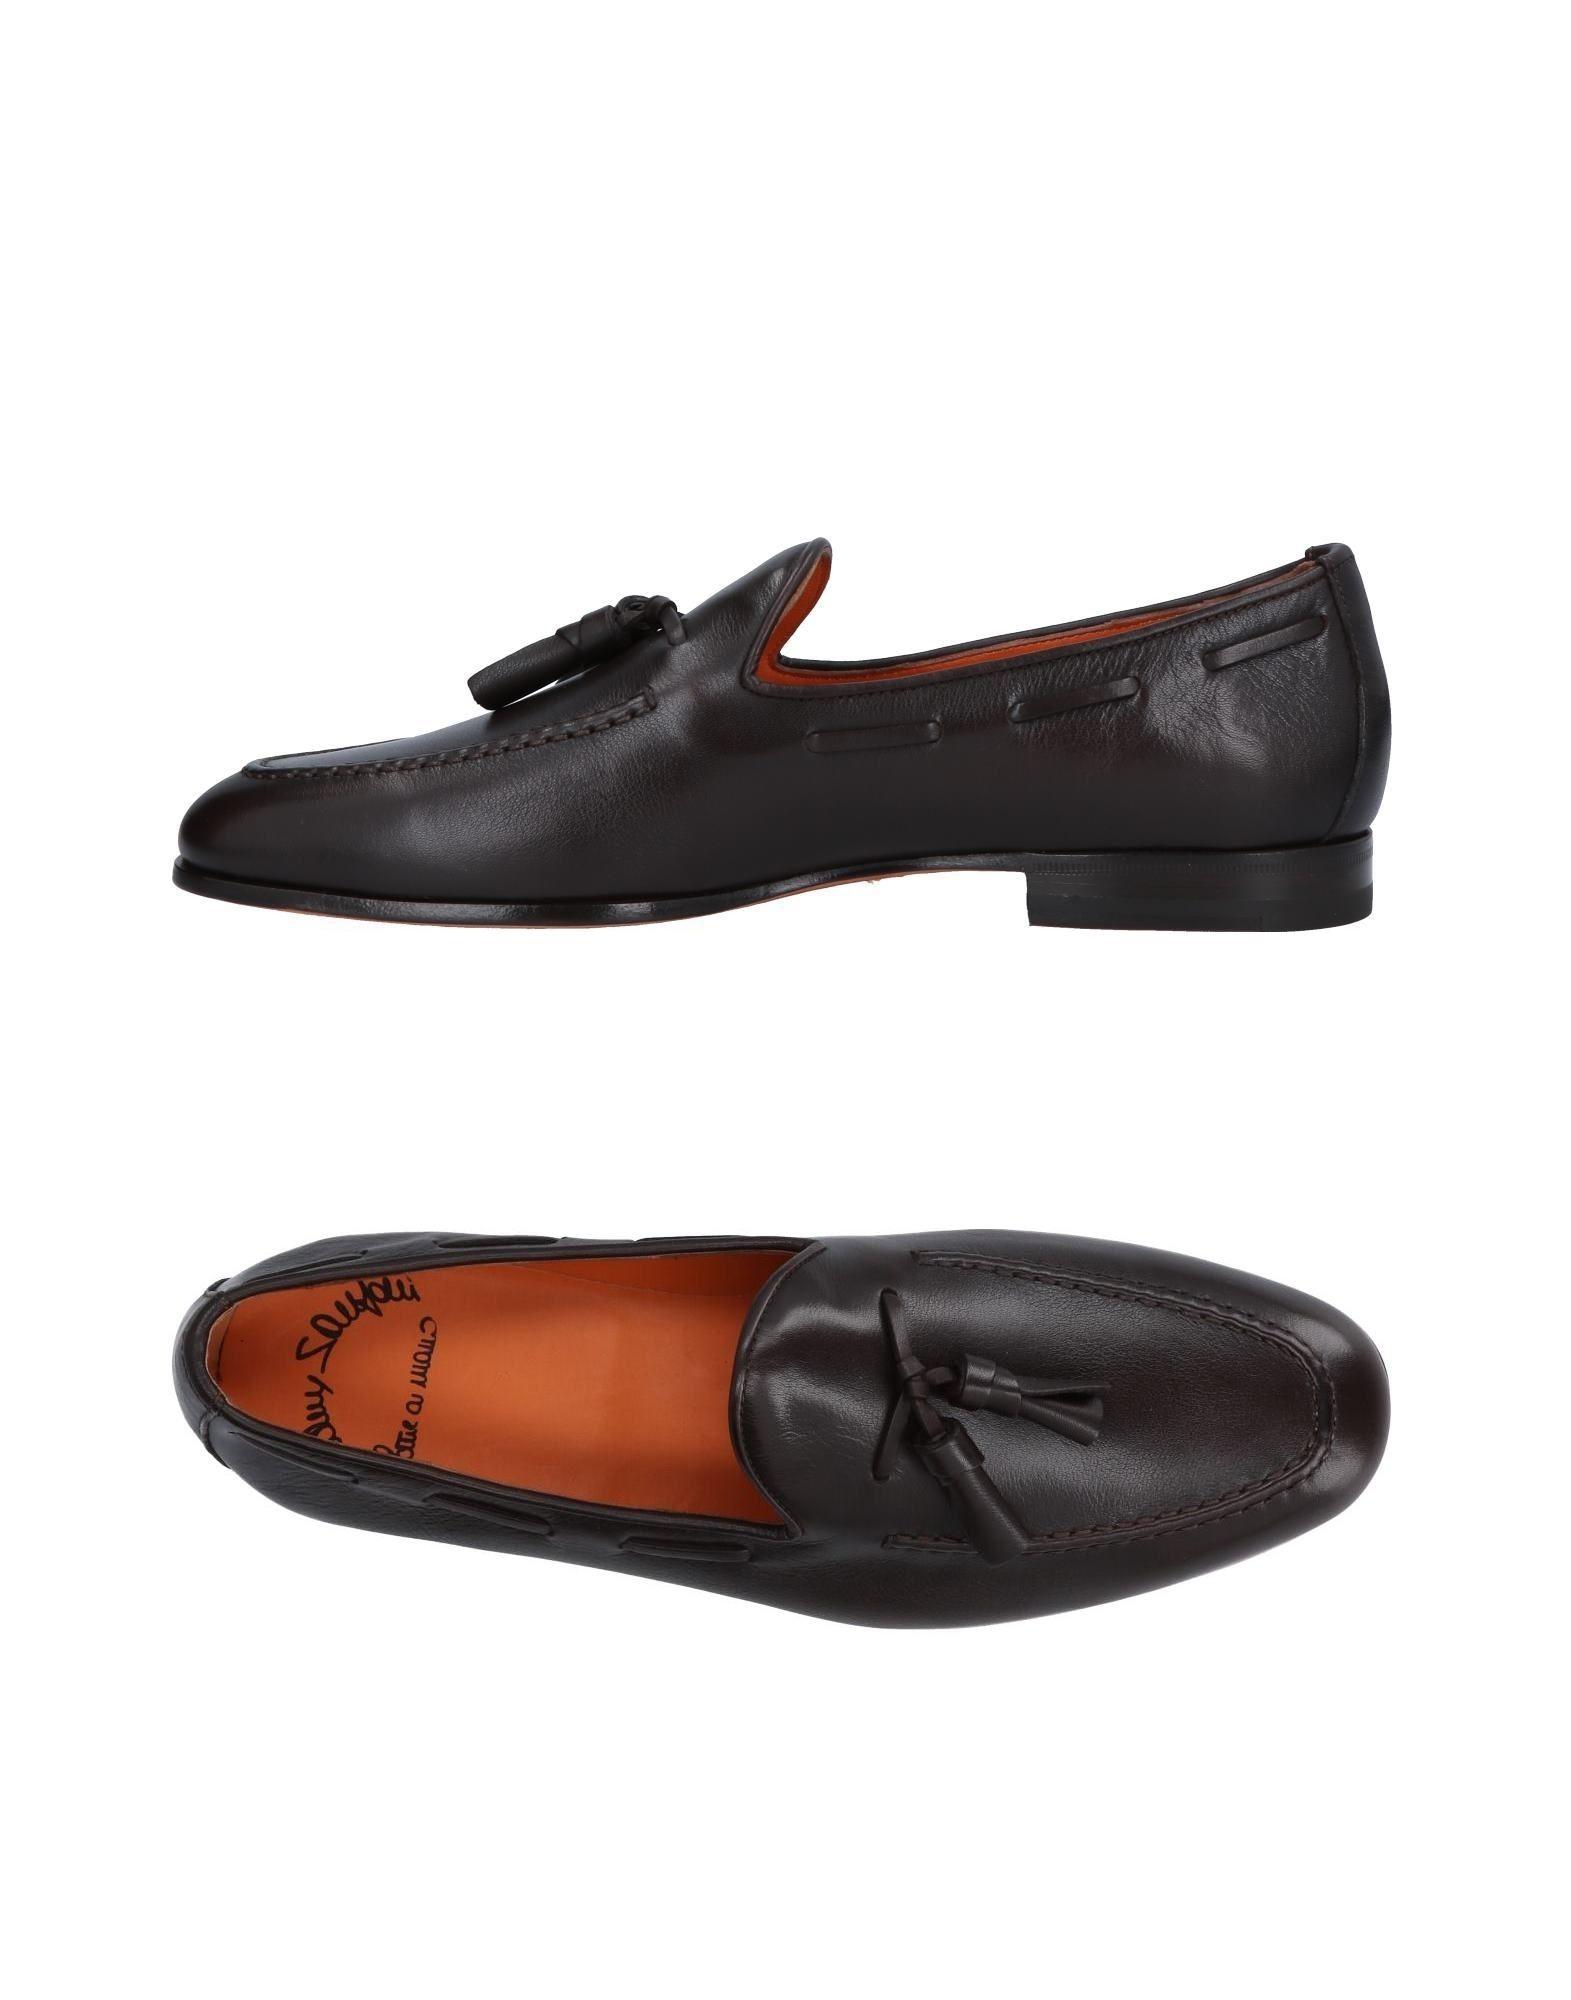 Santoni Mokassins Herren  11478538FX Schuhe Gute Qualität beliebte Schuhe 11478538FX 60a5c9